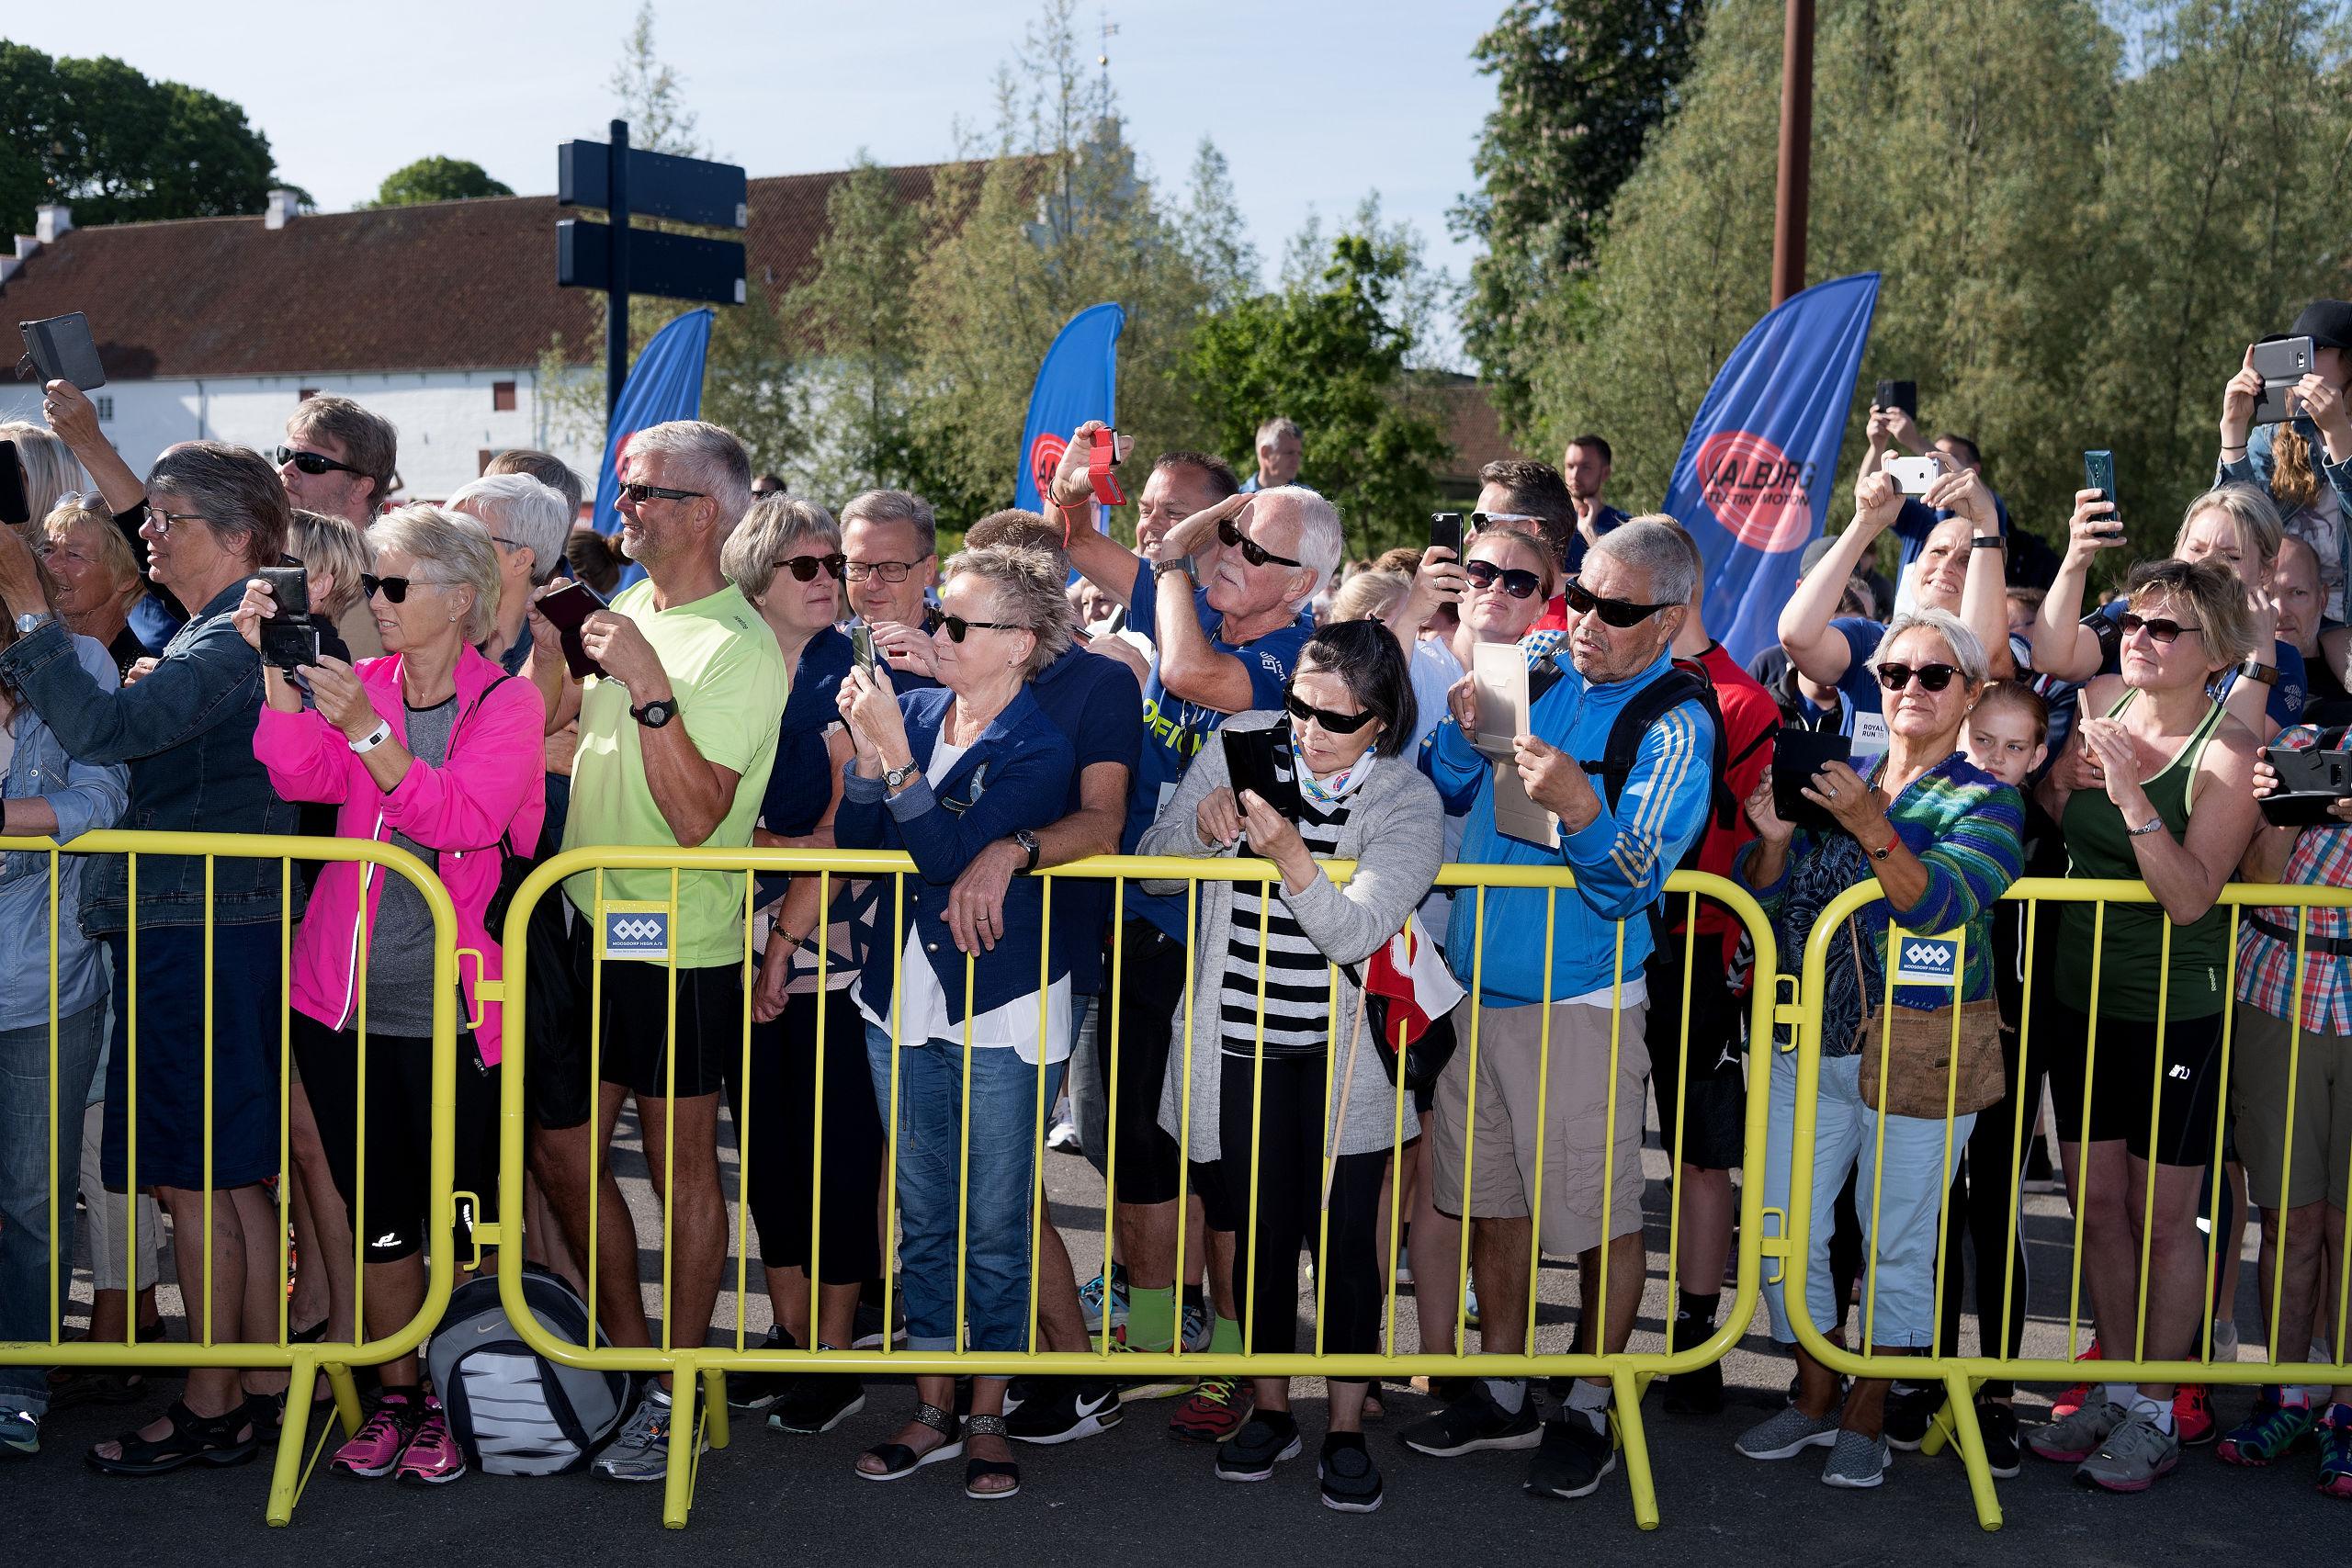 Royal Run 2018 blev lidt af et tilløbsstykke - noget tyder på, at den kommende sommers løbefest kan blive endnu større. Arkivfoto: Torben Hansen